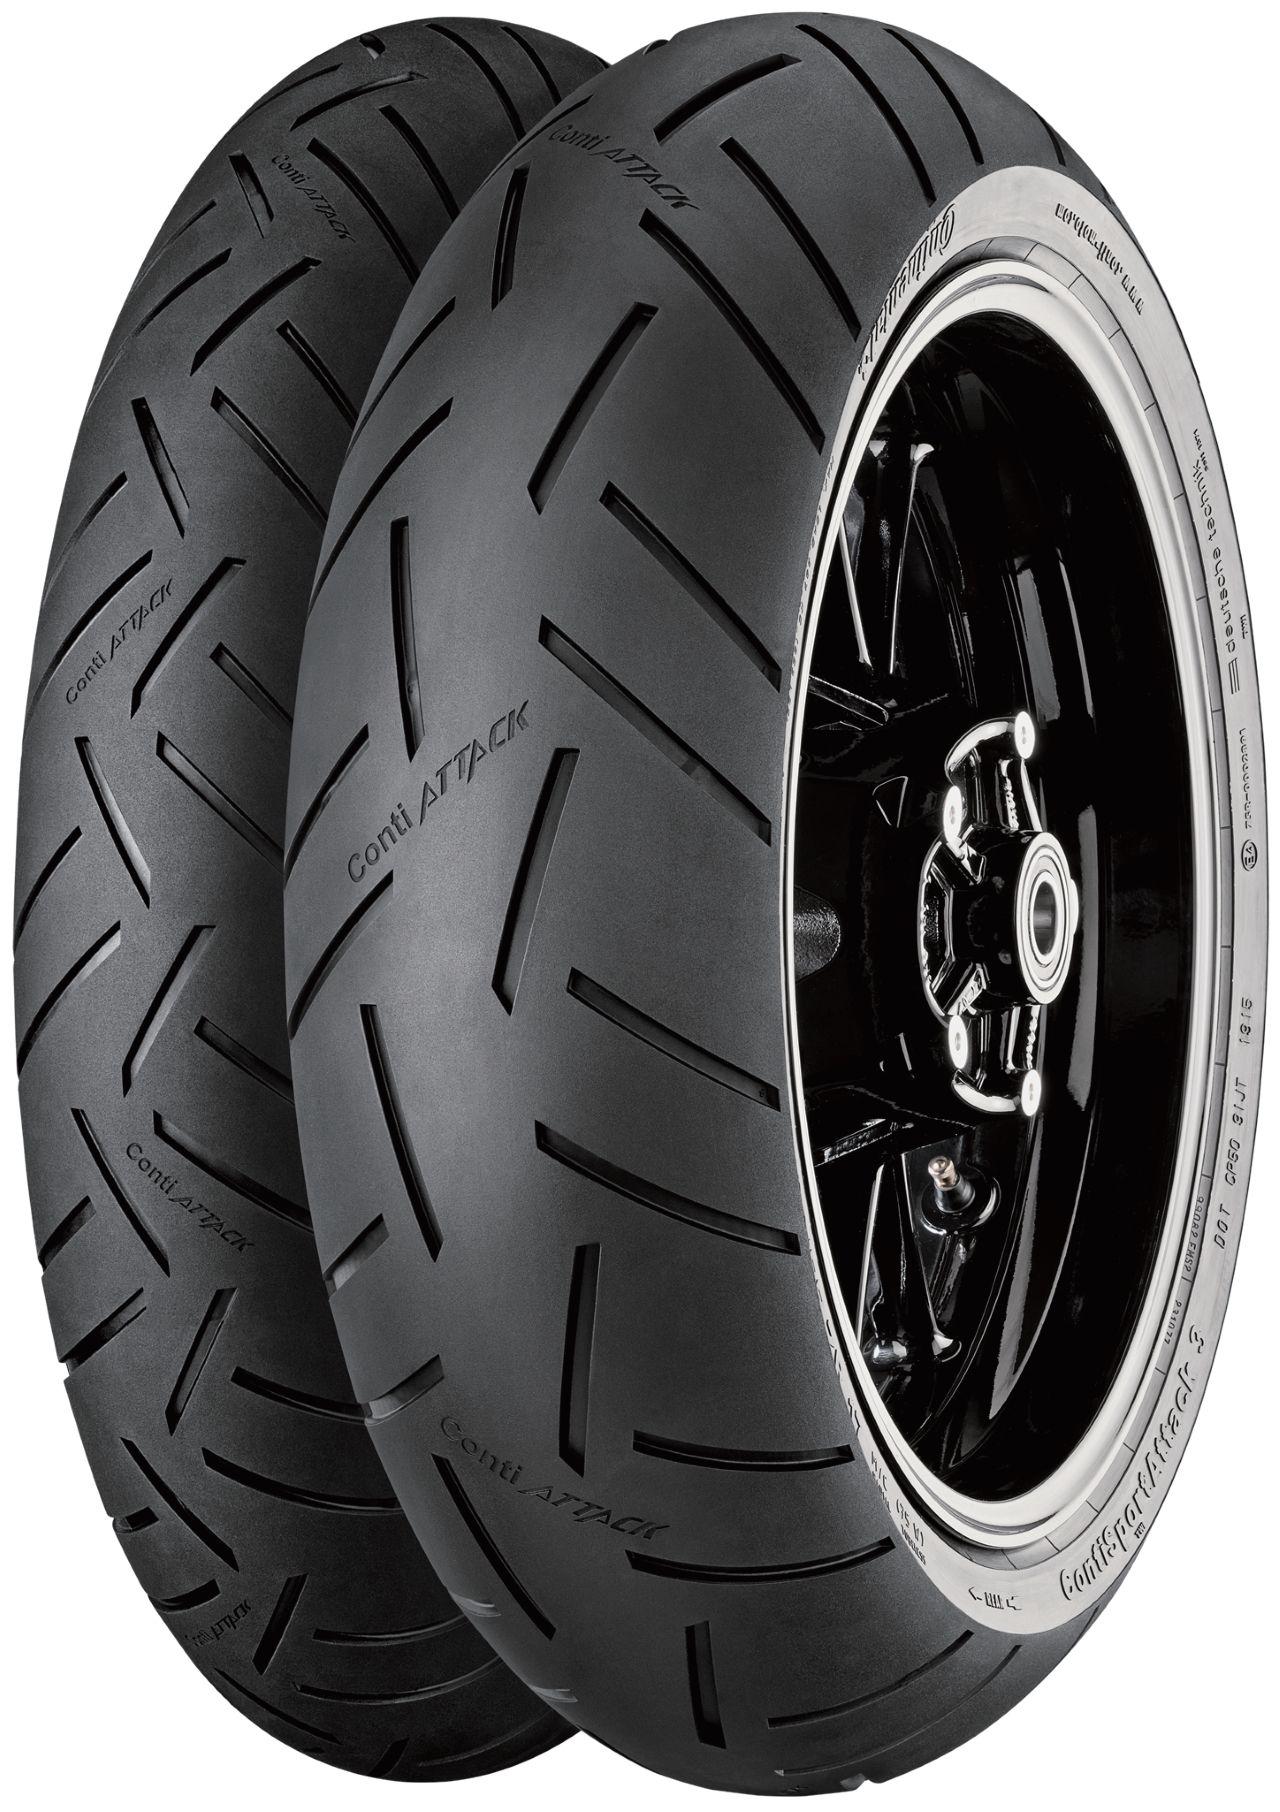 Continental Conti Sport Attack 3 [120/70ZR17 M/C (58W) TL] Tire